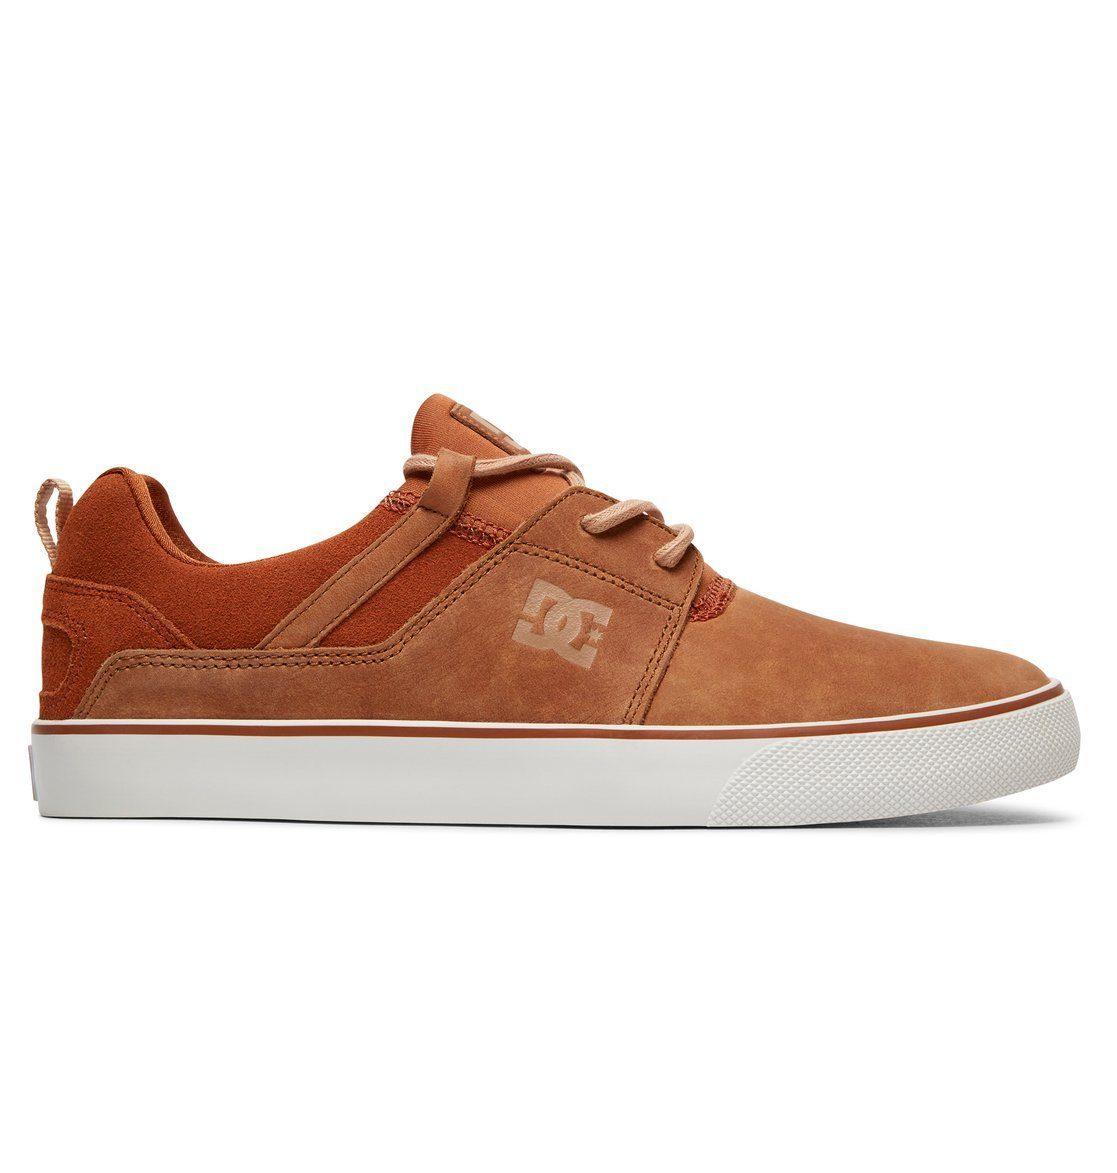 Chaussures Marron Chaussures Dc Dans Heathrow 48,5 Pour Les Hommes